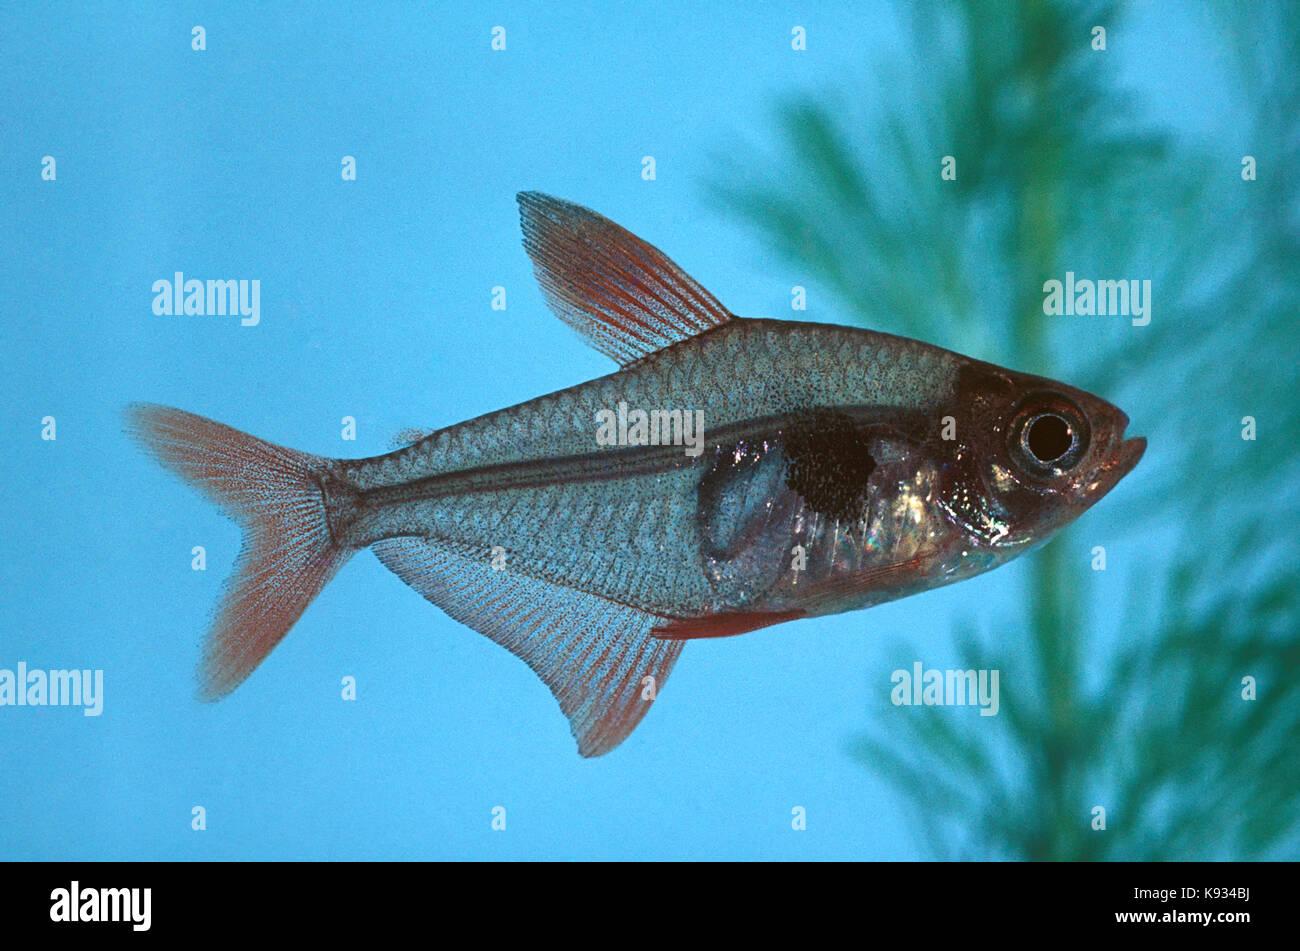 Tetra serpae, hyphessobrycon eques. tropicale pesce di acqua dolce dal Brasile, Perù, Paraguay, Bolivia e Argentina. Immagini Stock